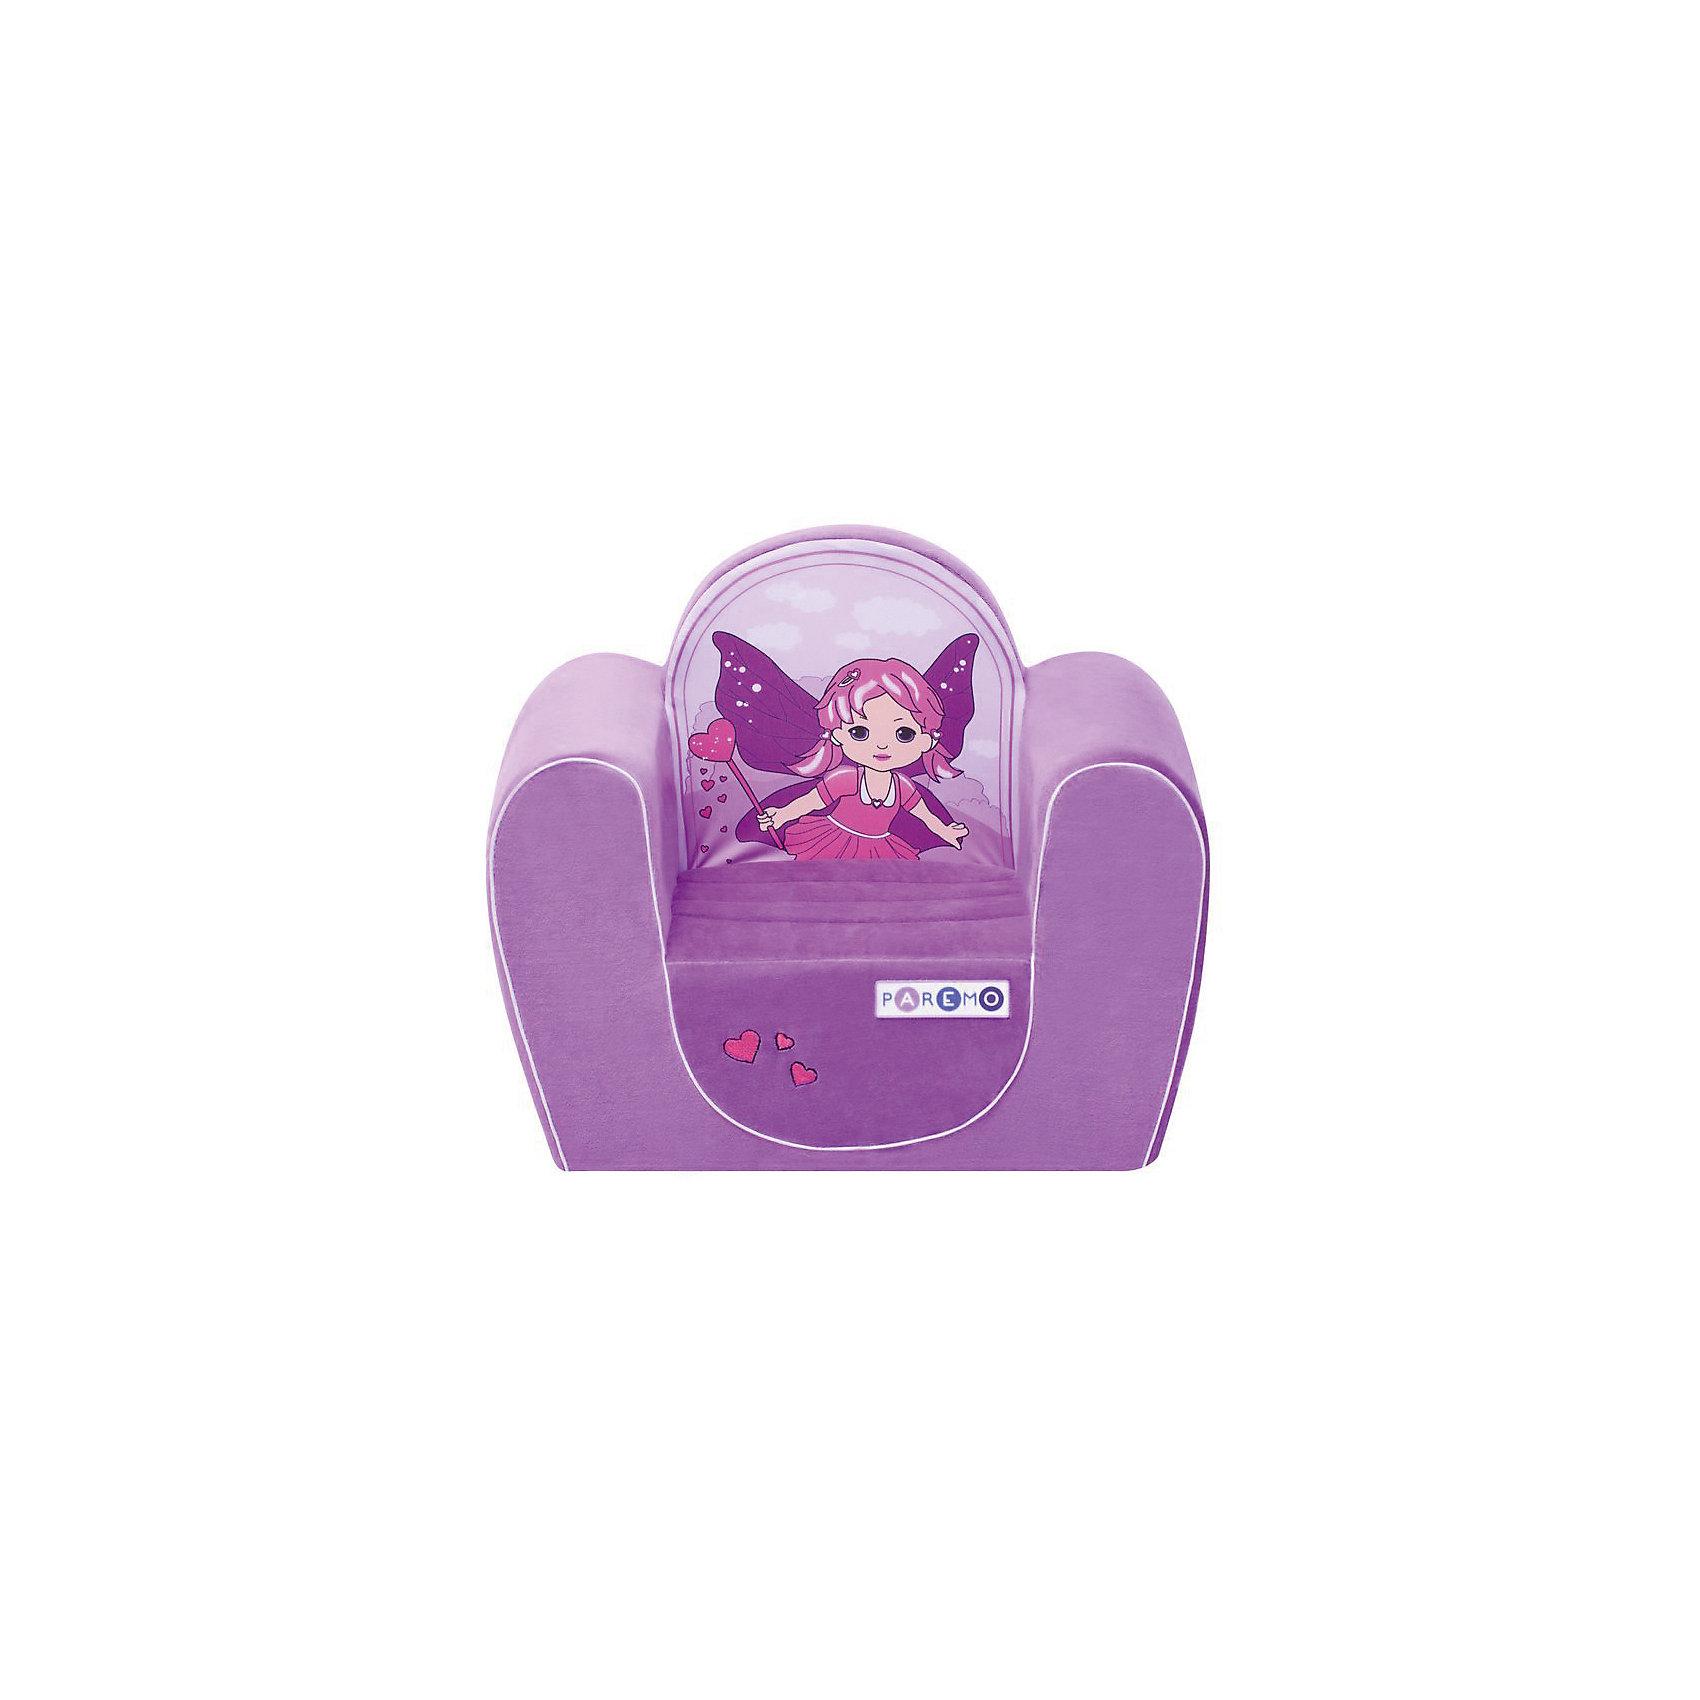 Детское игровое кресло Фея, сиреневый, PAREMOДетское игровое кресло Фея, сиреневый, PAREMO (ПАРЕМО).<br><br>Характеристики:<br><br>• Размер: 54х45х38 см.<br>• Вес: 3 кг.<br>• Высота от пола до сидения: 18 см.<br>• Размер сидения: 28х26 см.<br>• Материал чехла: велюр, текстиль<br>• Наполнитель: пенополиуретан<br>• Цвет: сиреневый<br>• Упаковка: пакет<br><br>Яркое детское игровое кресло «Фея» с изображением сказочной феи создано для девочек в возрасте от года до четырех лет. Оно имеет бескаркасную, абсолютно безопасную конструкцию. Острые углы отсутствуют. Мягкое и эргономичное сидение принимает нужную форму под весом ребенка, что делает кресло максимально комфортным. Высота от пола до сидения составляет 18 см, поэтому даже самым маленьким будет удобно садиться в кресло. <br><br>Мягкий чехол приятен на ощупь. Он легко снимается и при необходимости стирается в режиме деликатной стирки при температуре до 30 градусов. Кресло идеально впишется в любой уголок детской комнаты. Оно создаст дополнительное место для игр и станет удобным, укромным местечком, где ваша малышка сможет отдохнуть. Сделано в России!<br><br>Детское игровое креслоФея, сиреневое, PAREMO (ПАРЕМО) можно купить в нашем интернет-магазине.<br><br>Ширина мм: 540<br>Глубина мм: 450<br>Высота мм: 380<br>Вес г: 3000<br>Возраст от месяцев: 12<br>Возраст до месяцев: 120<br>Пол: Женский<br>Возраст: Детский<br>SKU: 5482289